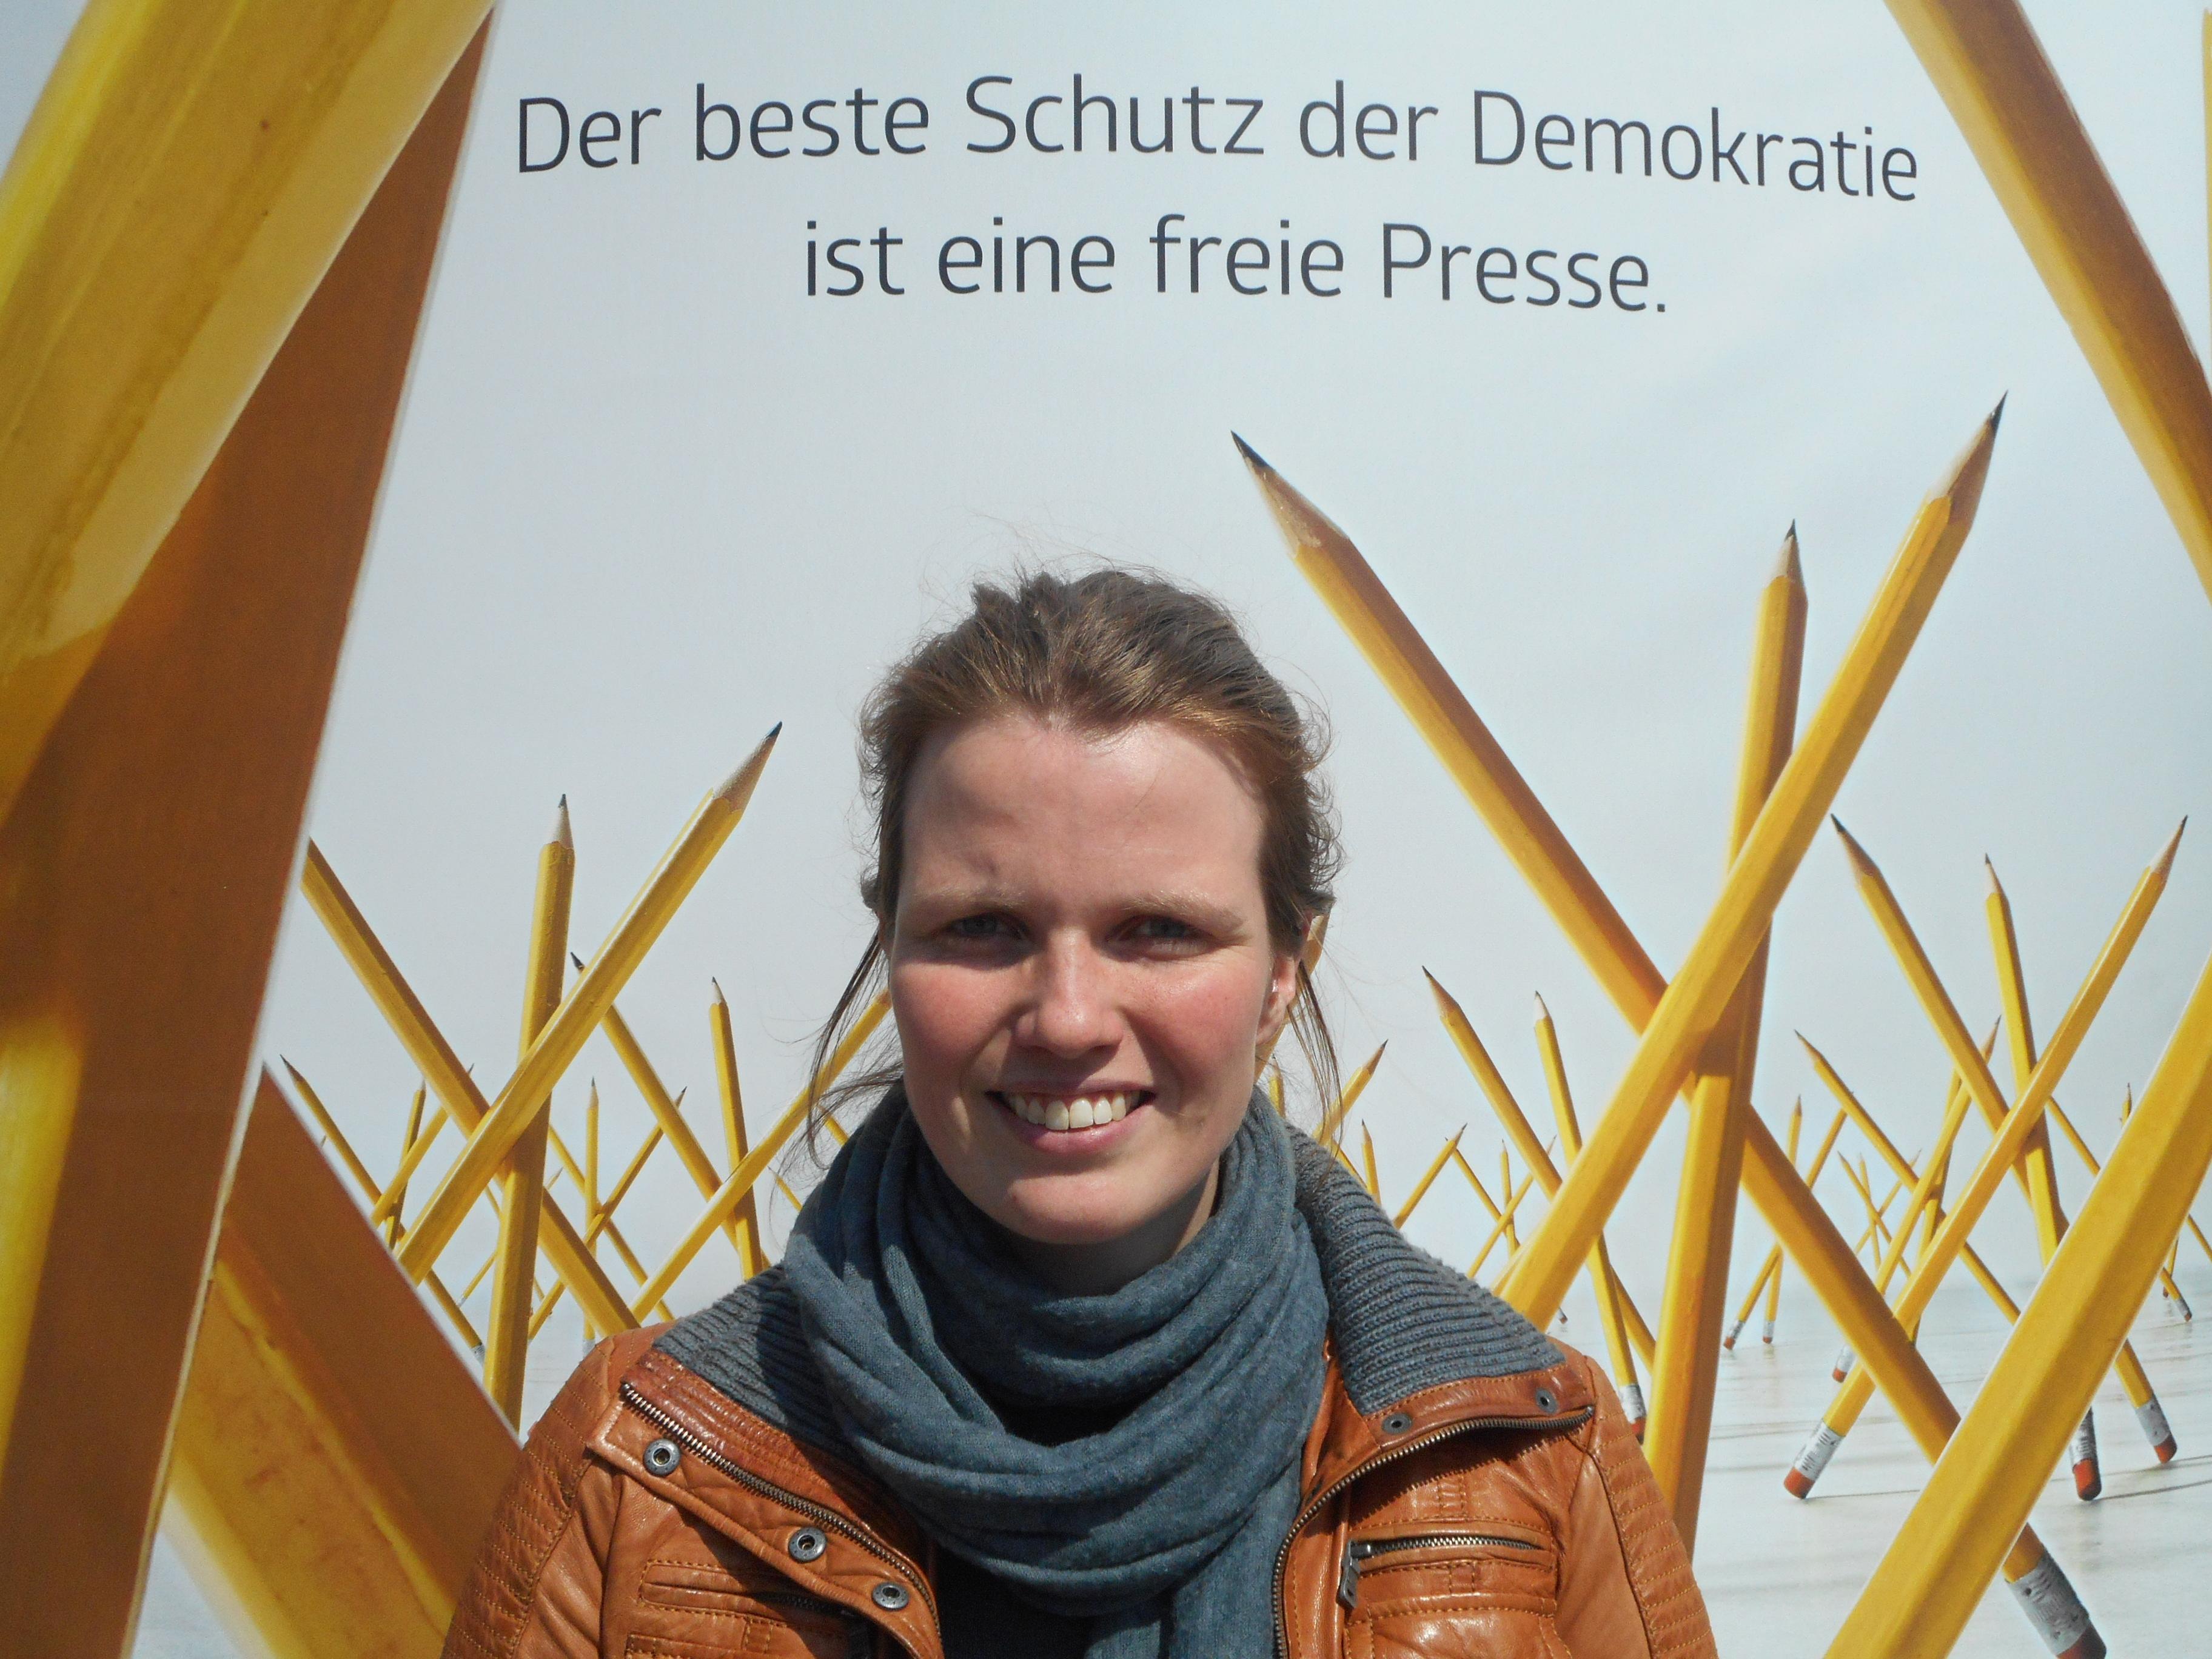 """""""... sie vielseitige Meinungsäußerung möglich macht. Sie regt zum Hinterfragen an und sorgt für Information der Bevölkerung."""" – Laura Röbenack, Lehramtstudentin für Geschichte"""